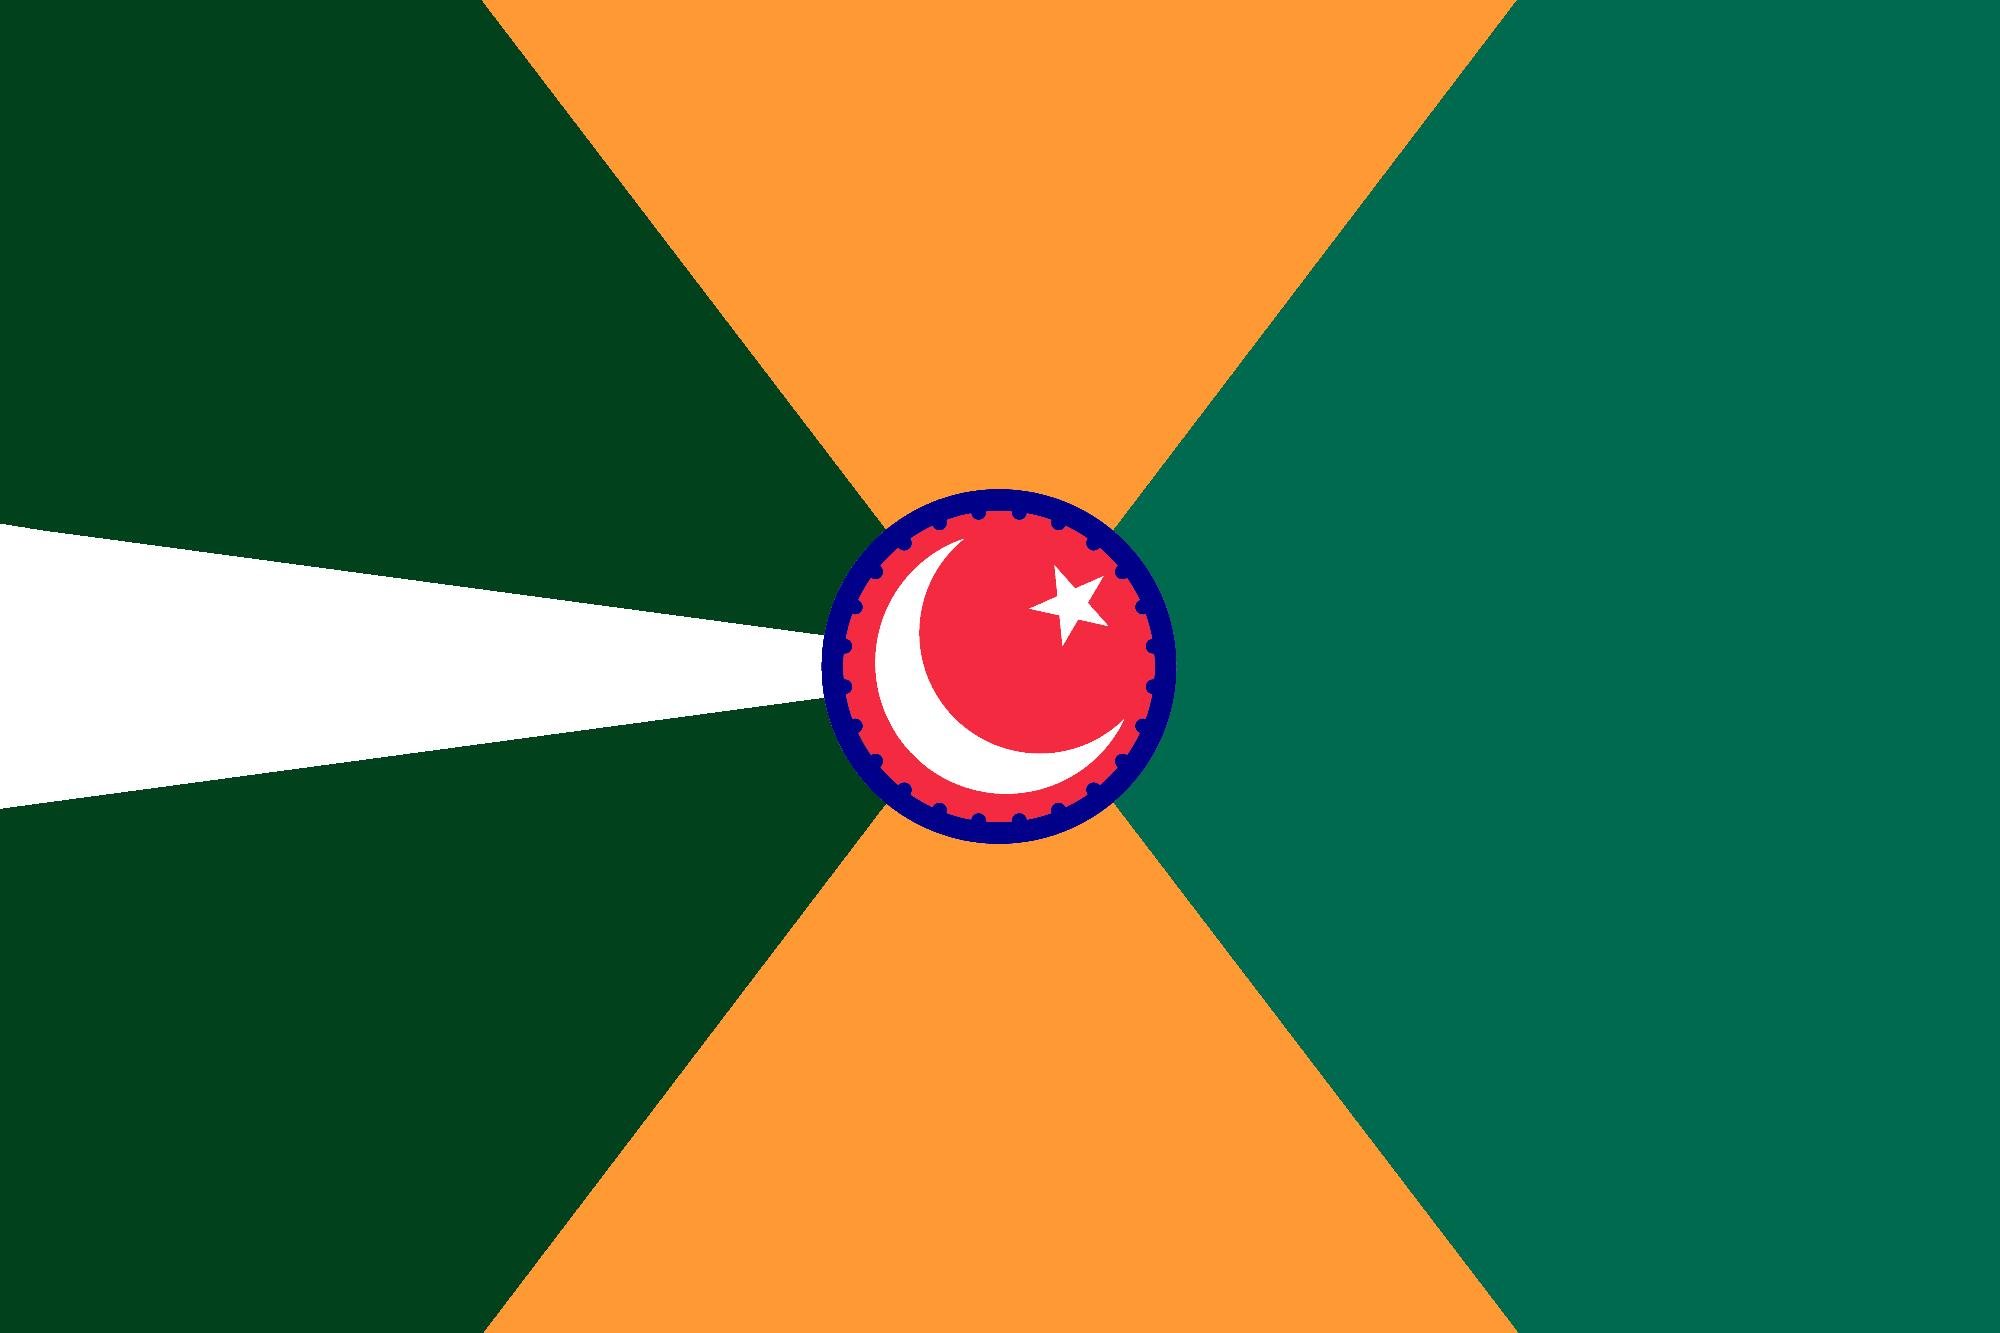 Bandiera di un'India unita